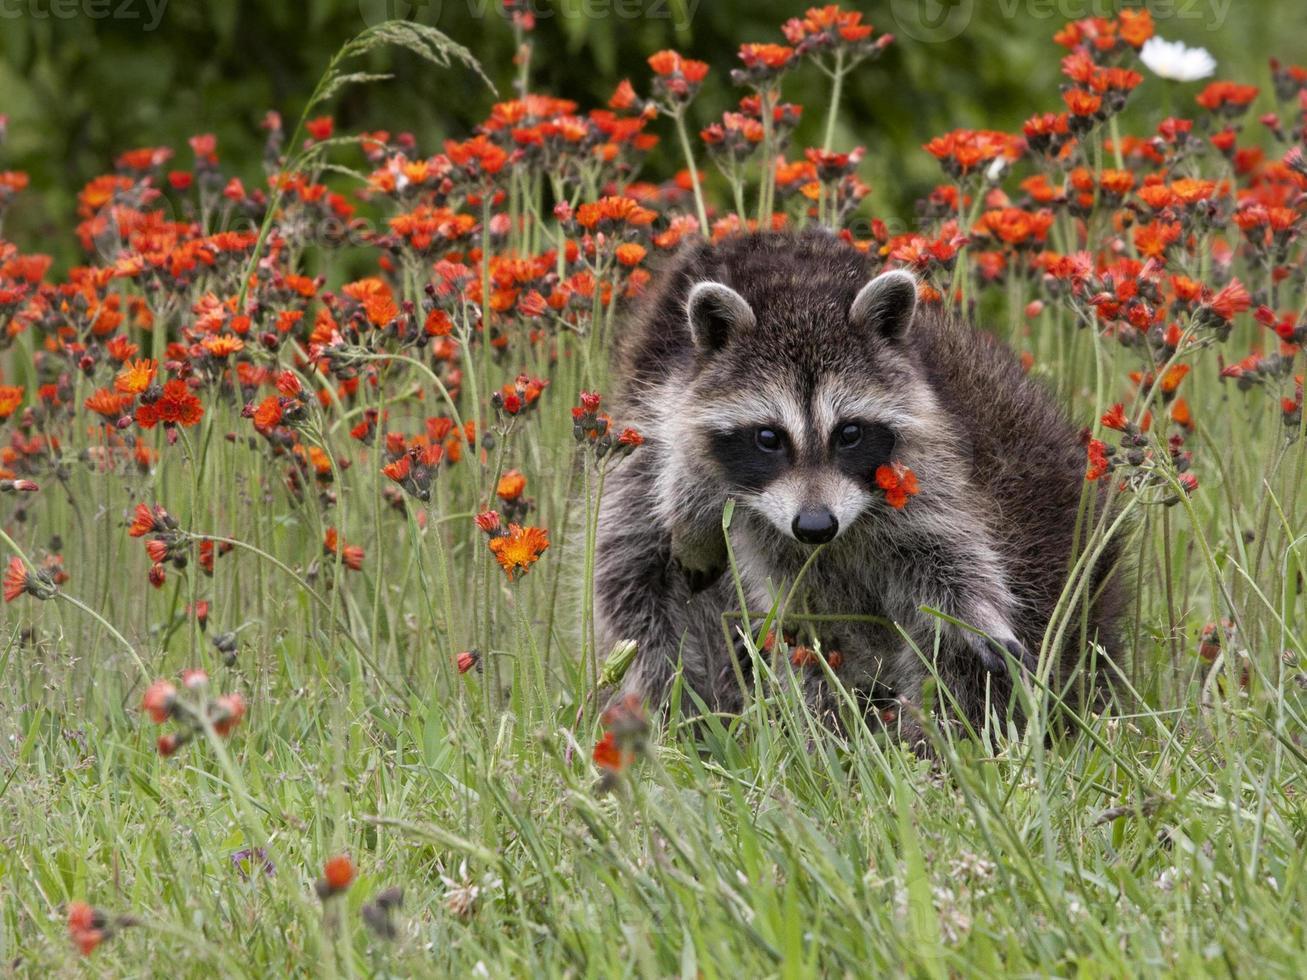 jonge wasbeer poseren in oranje bloemen foto